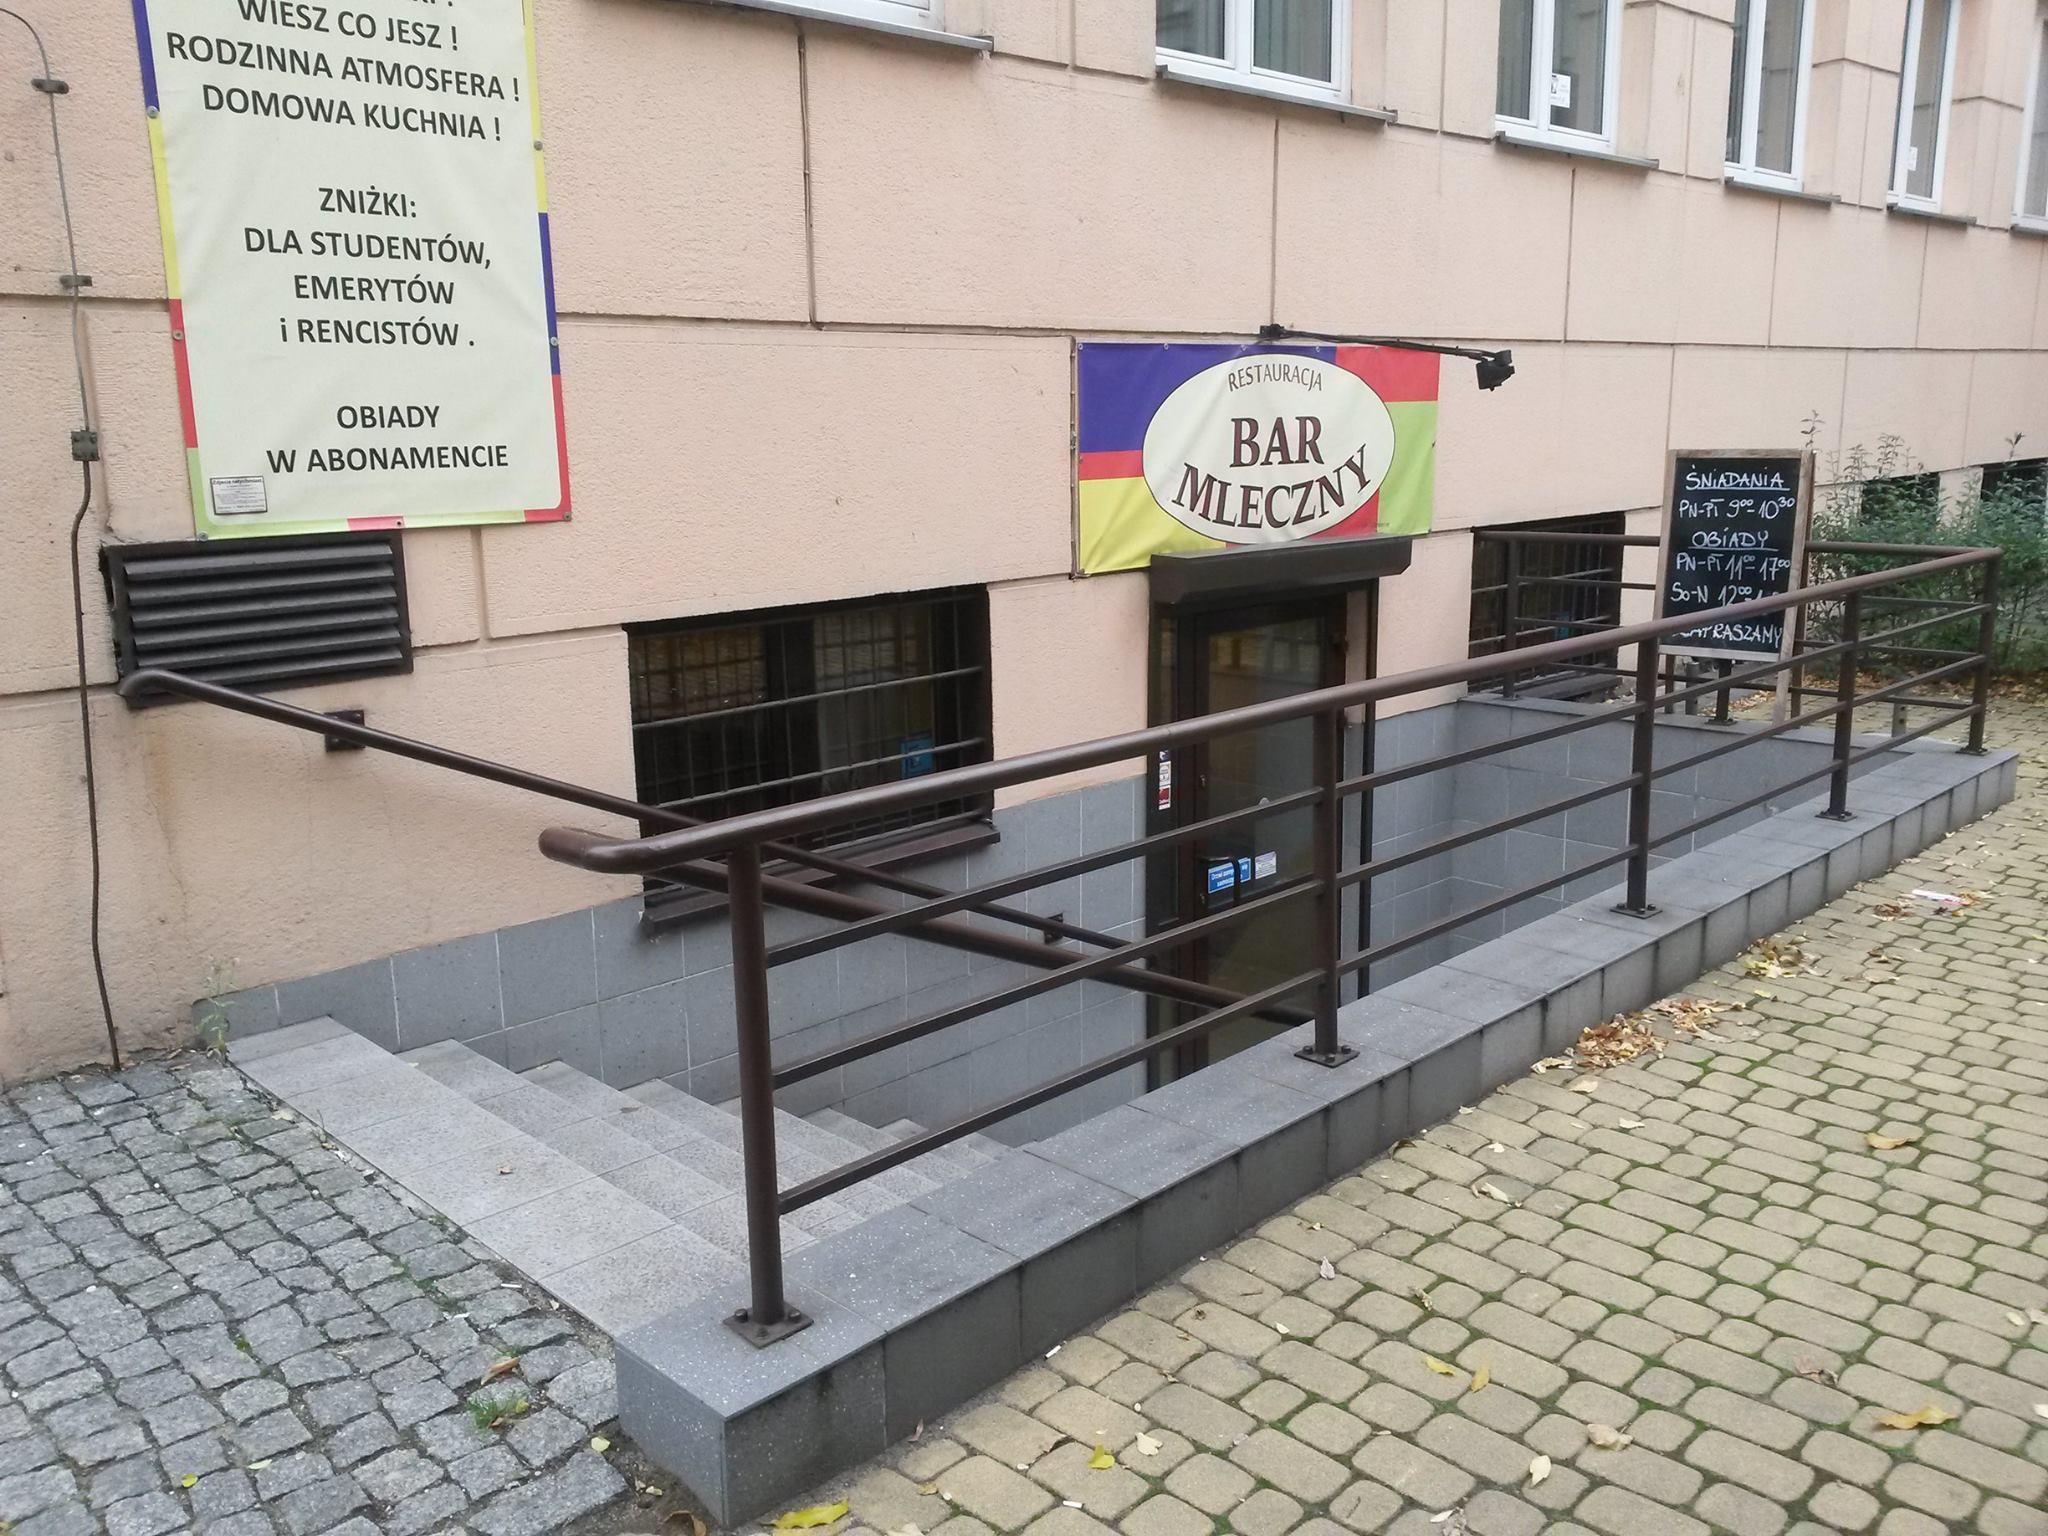 Restauracja Bar Mleczny śląskie Informacja Turystyczna Wo